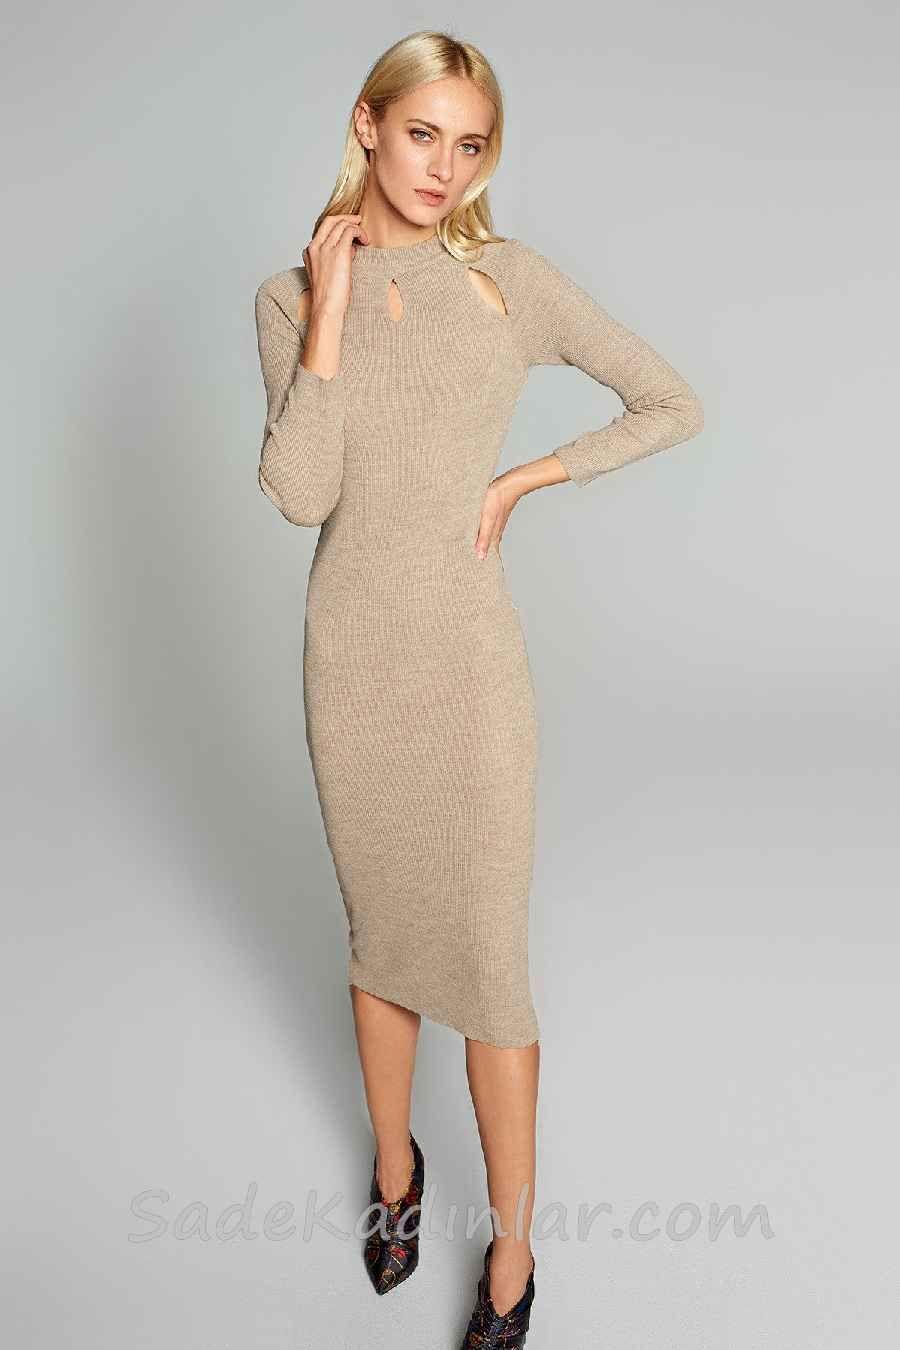 2021 Kislik Elbise Kombinleri Vizon Dizalti Yakasi Pencere Goz Detayli Uzun Kollu Elbise Modelleri Elbise The Dress